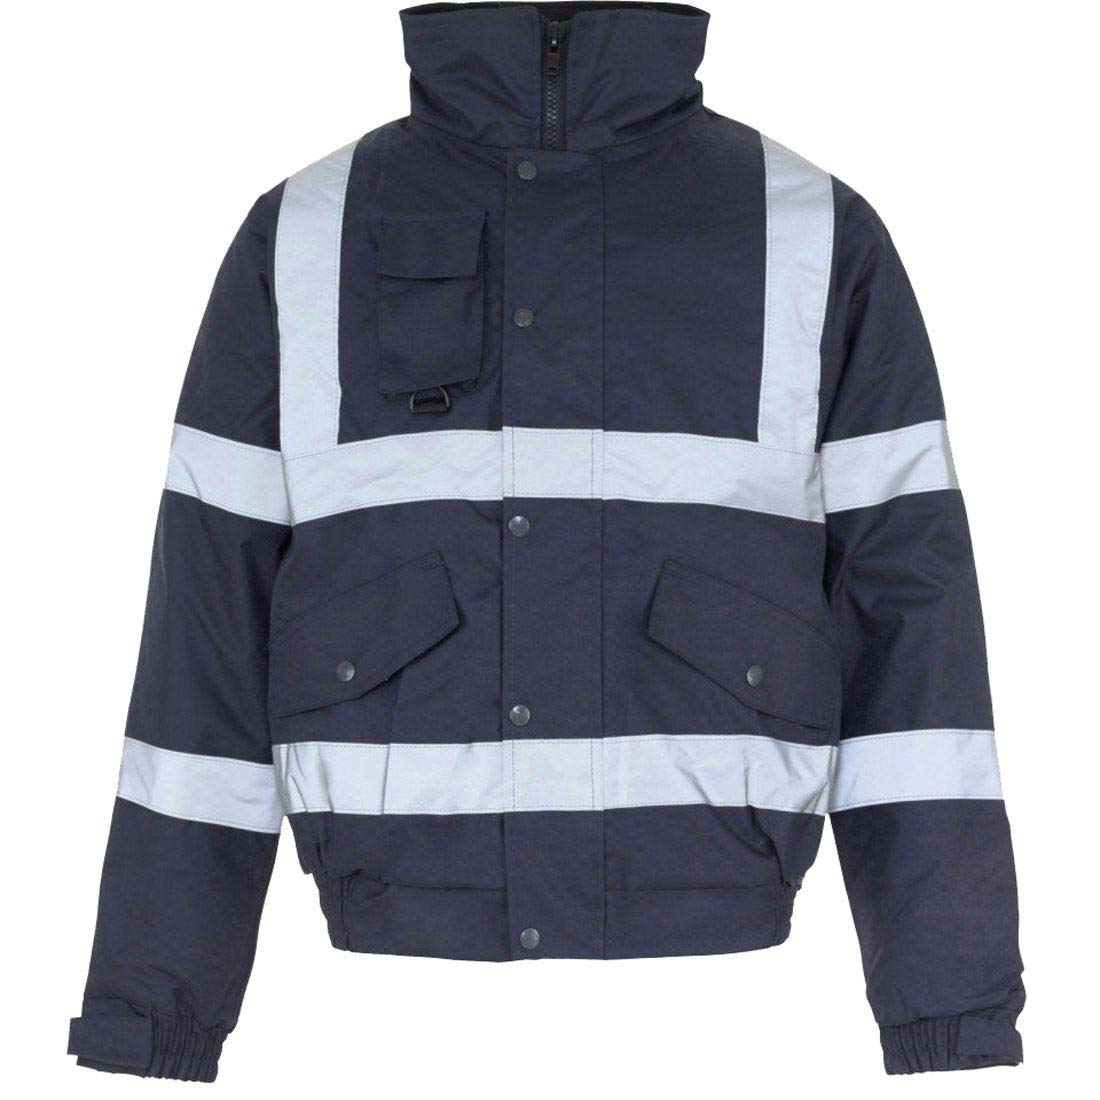 Style Wise Fashion Boys Hi Visibility Long Sleeve Jacket Mens Workwear Impermeabile Bomber Jacket